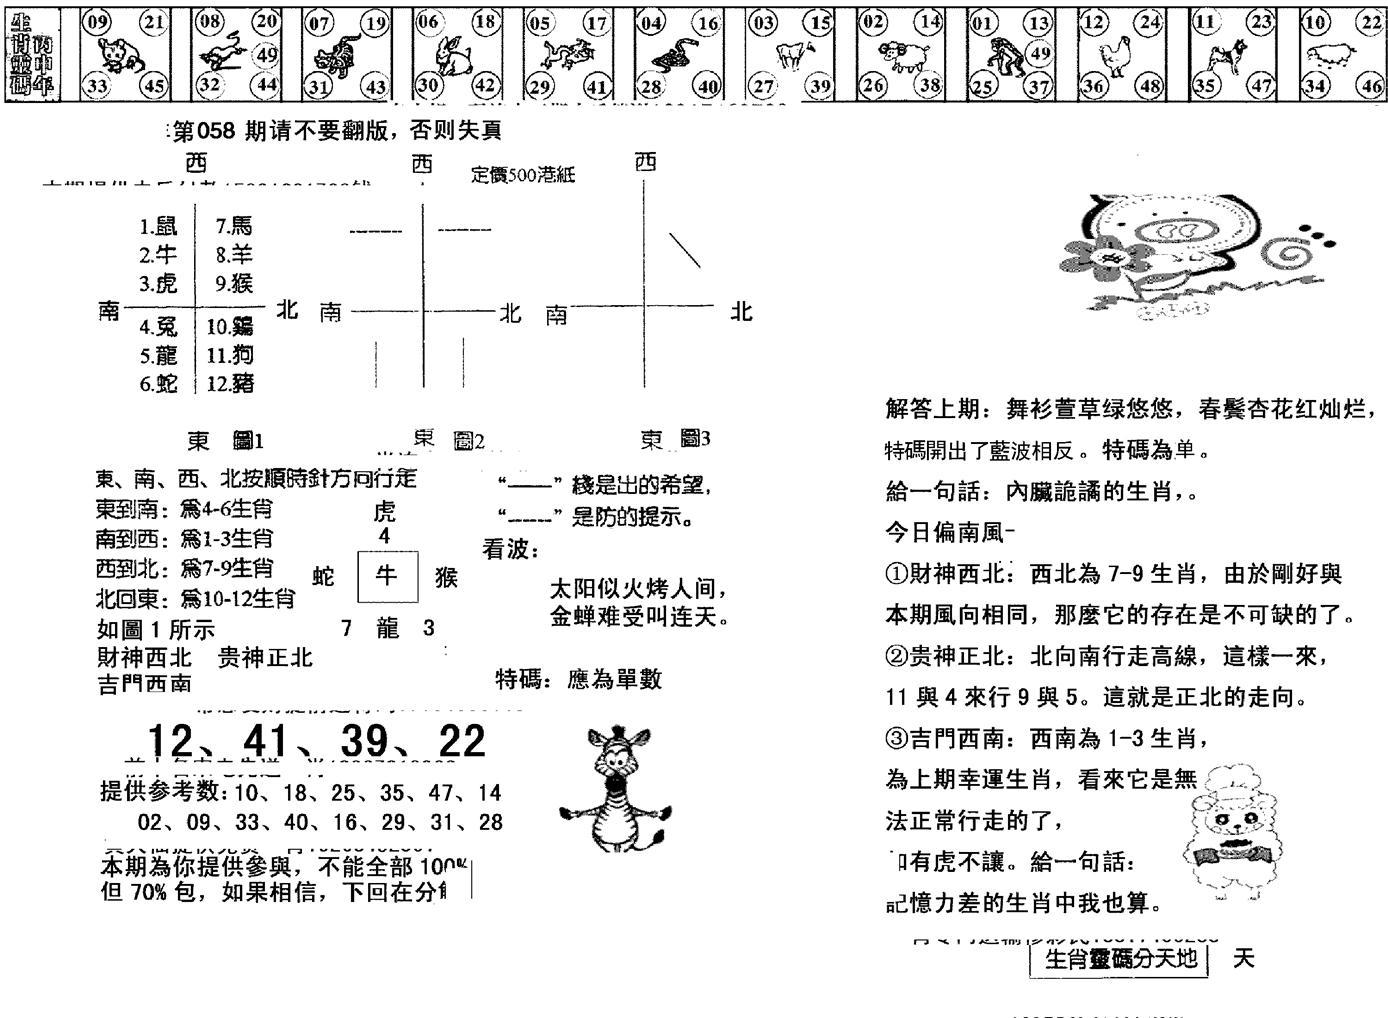 058期正版澳门足球报(黑白)